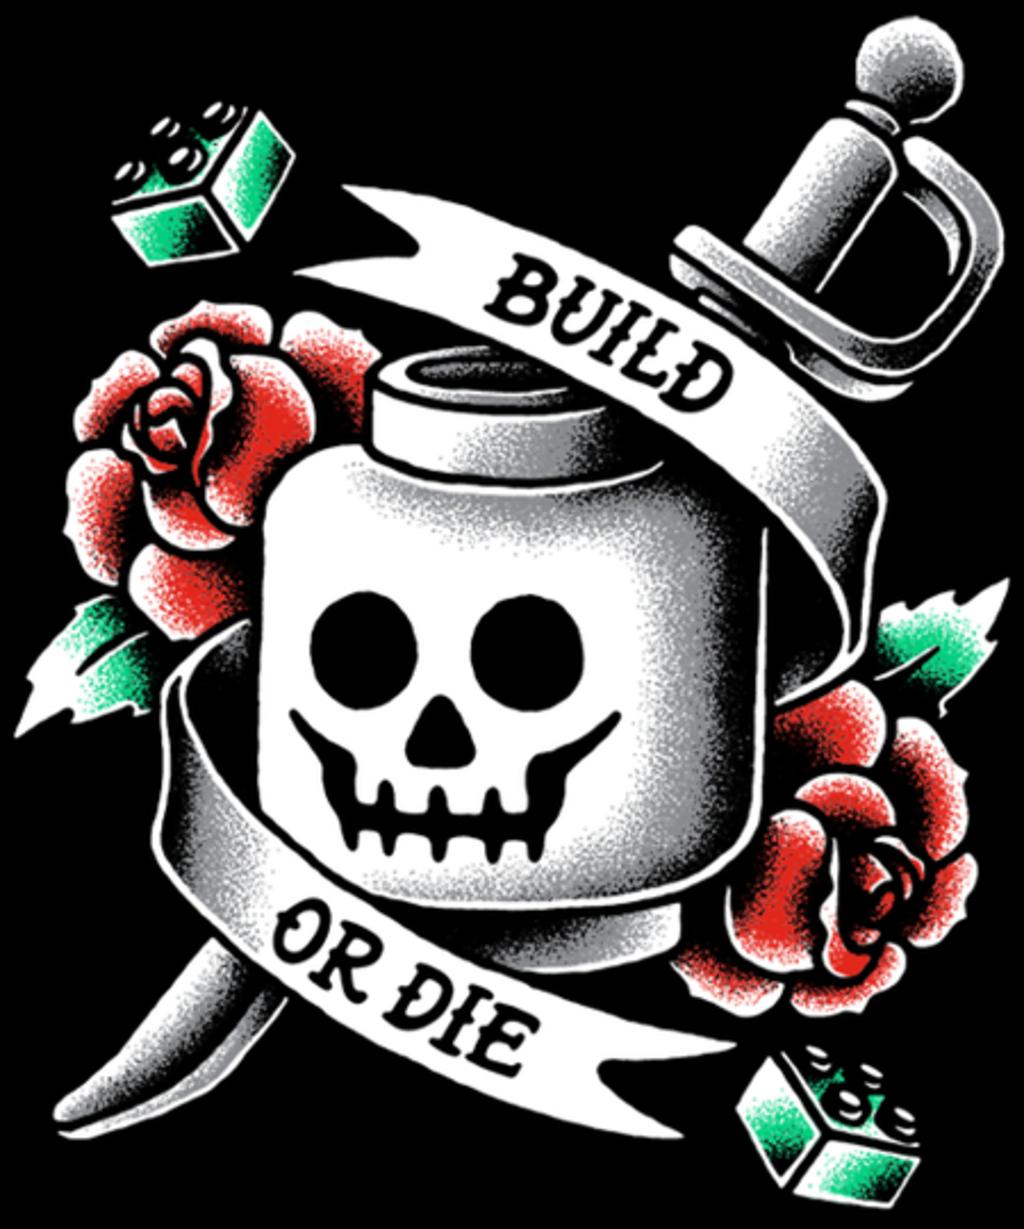 Qwertee: Build or Die!